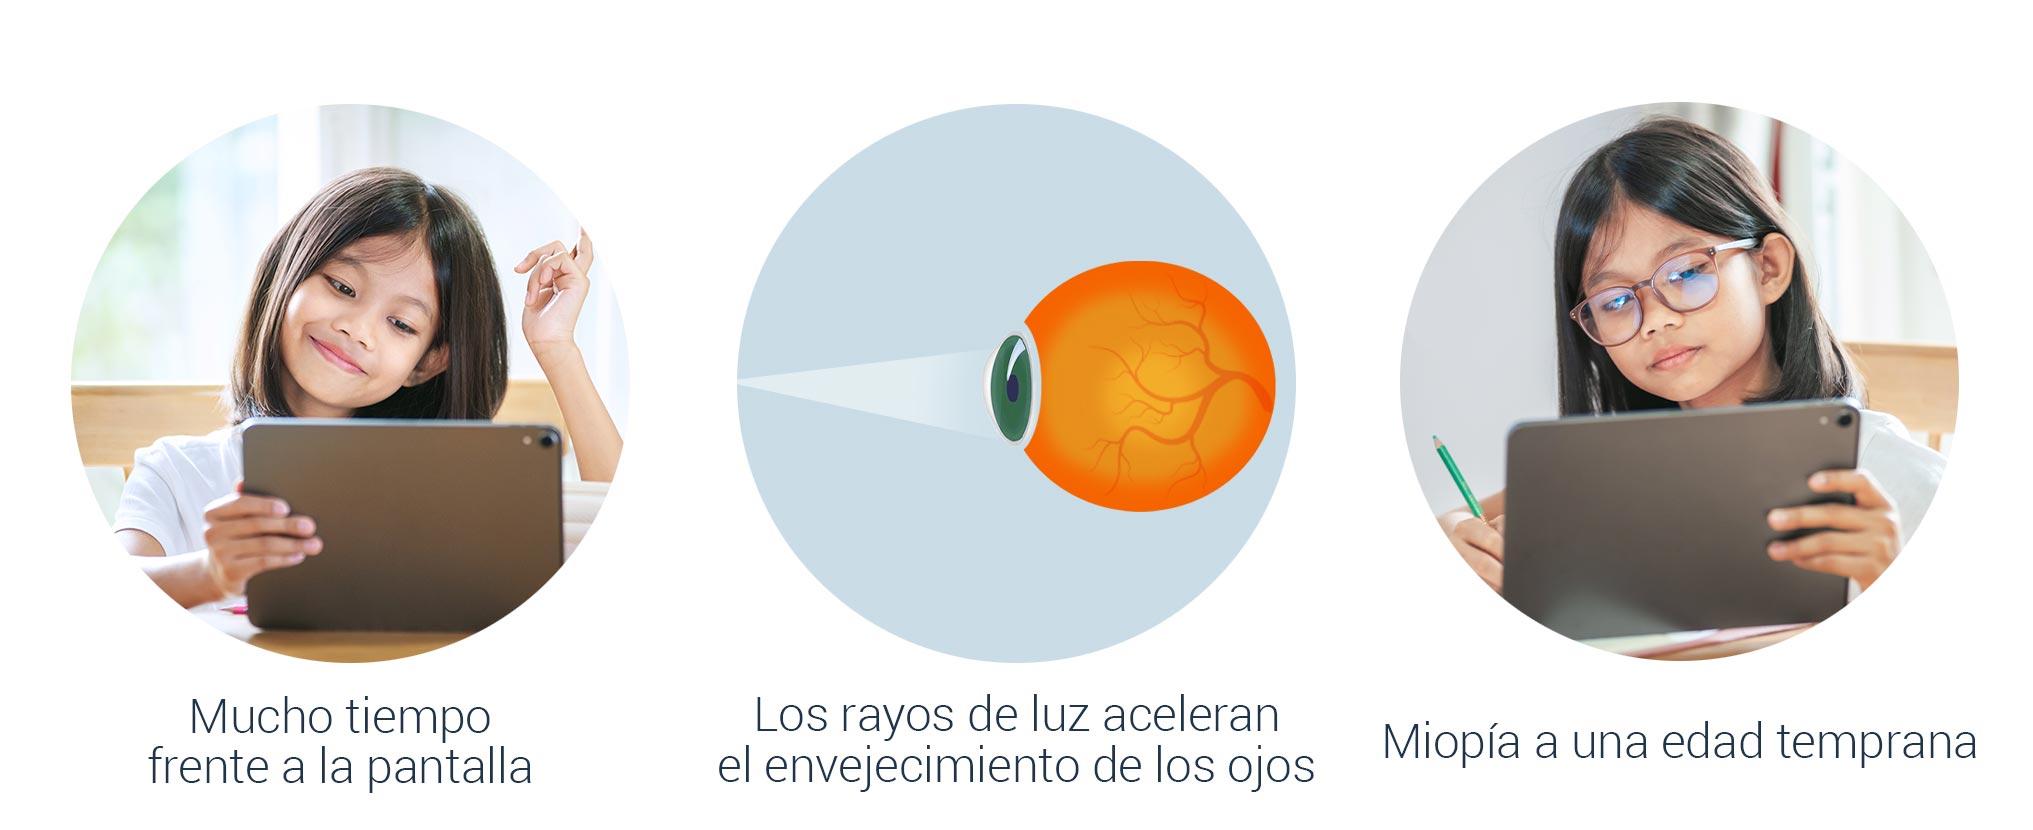 ¿Qué causa la miopía en los niños?